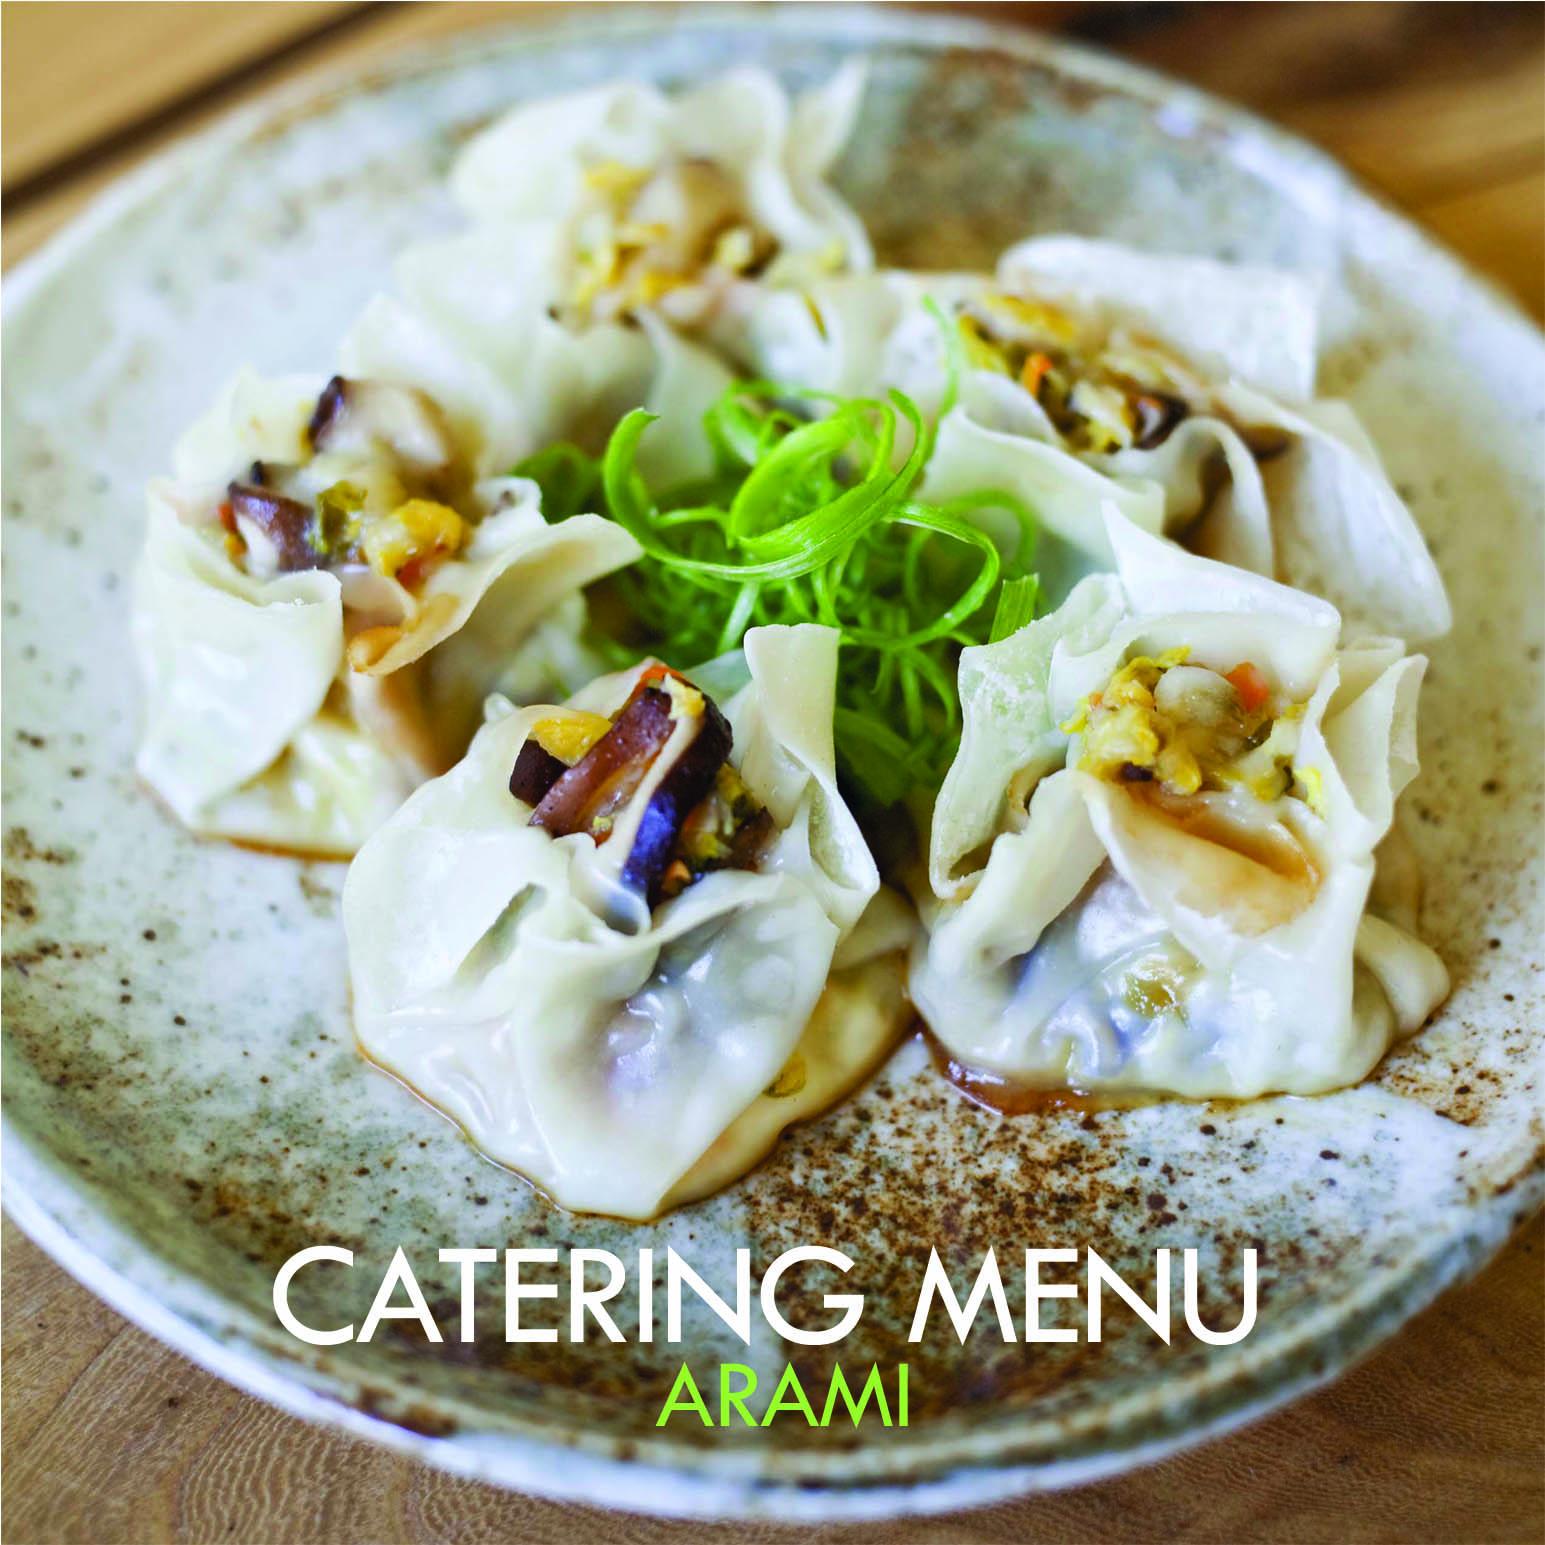 arami_Catering Menu web.jpg